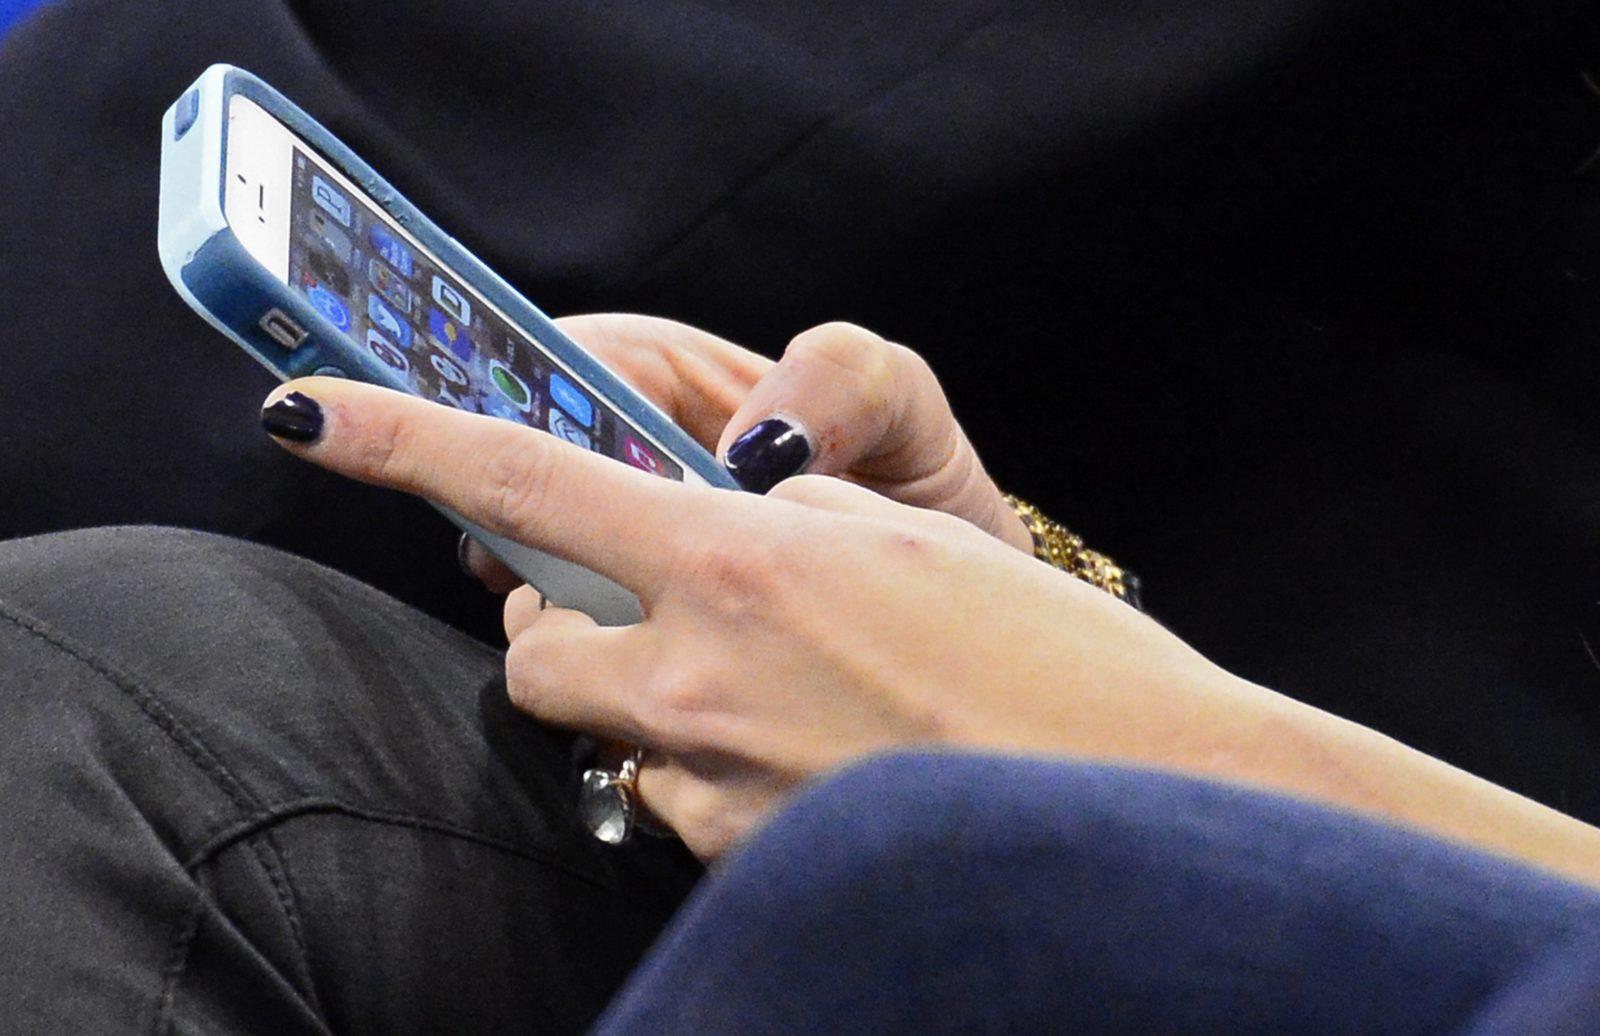 как купить телефон в кредит онлайн не дают микрозайм где взять